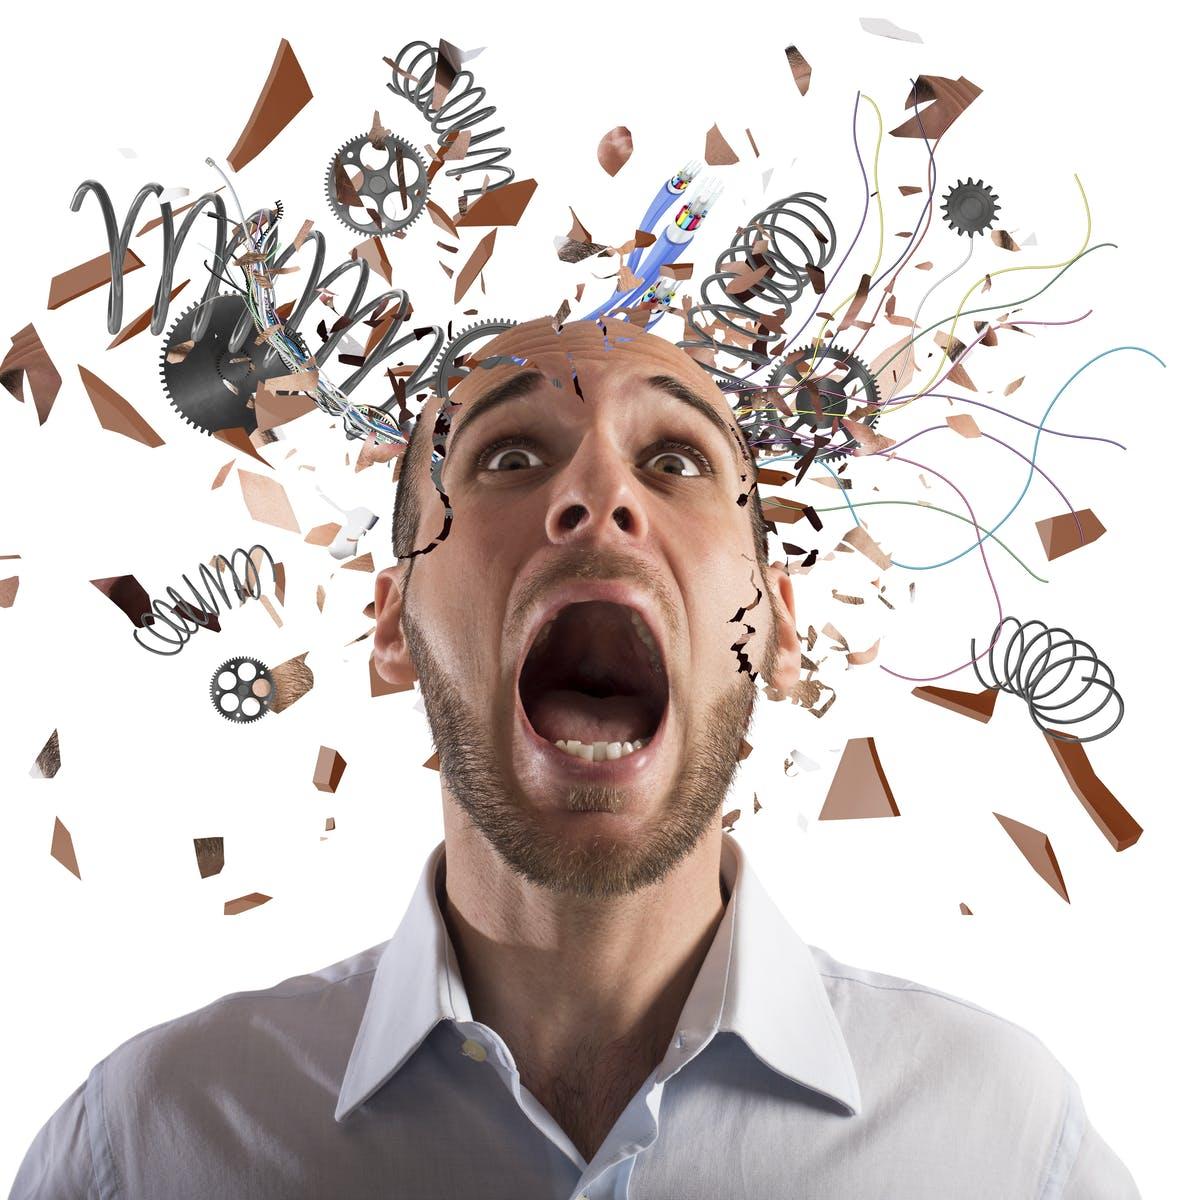 Άγχος Αντιμετώπιση: Η αγχολυτική δύναμη της διατροφής